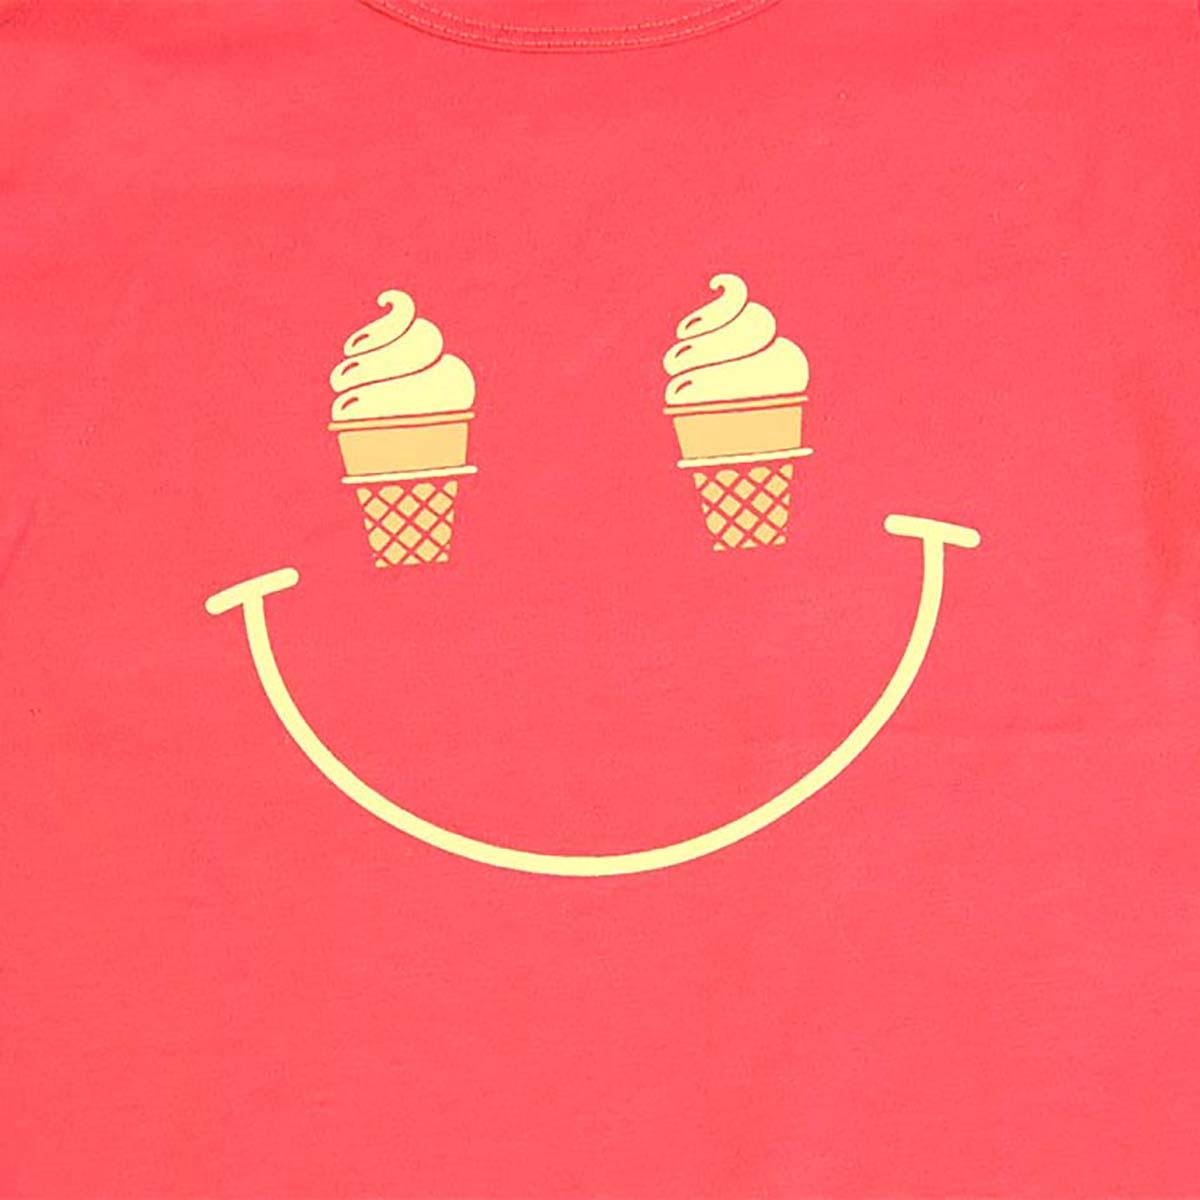 sladači na ljetnoj majici